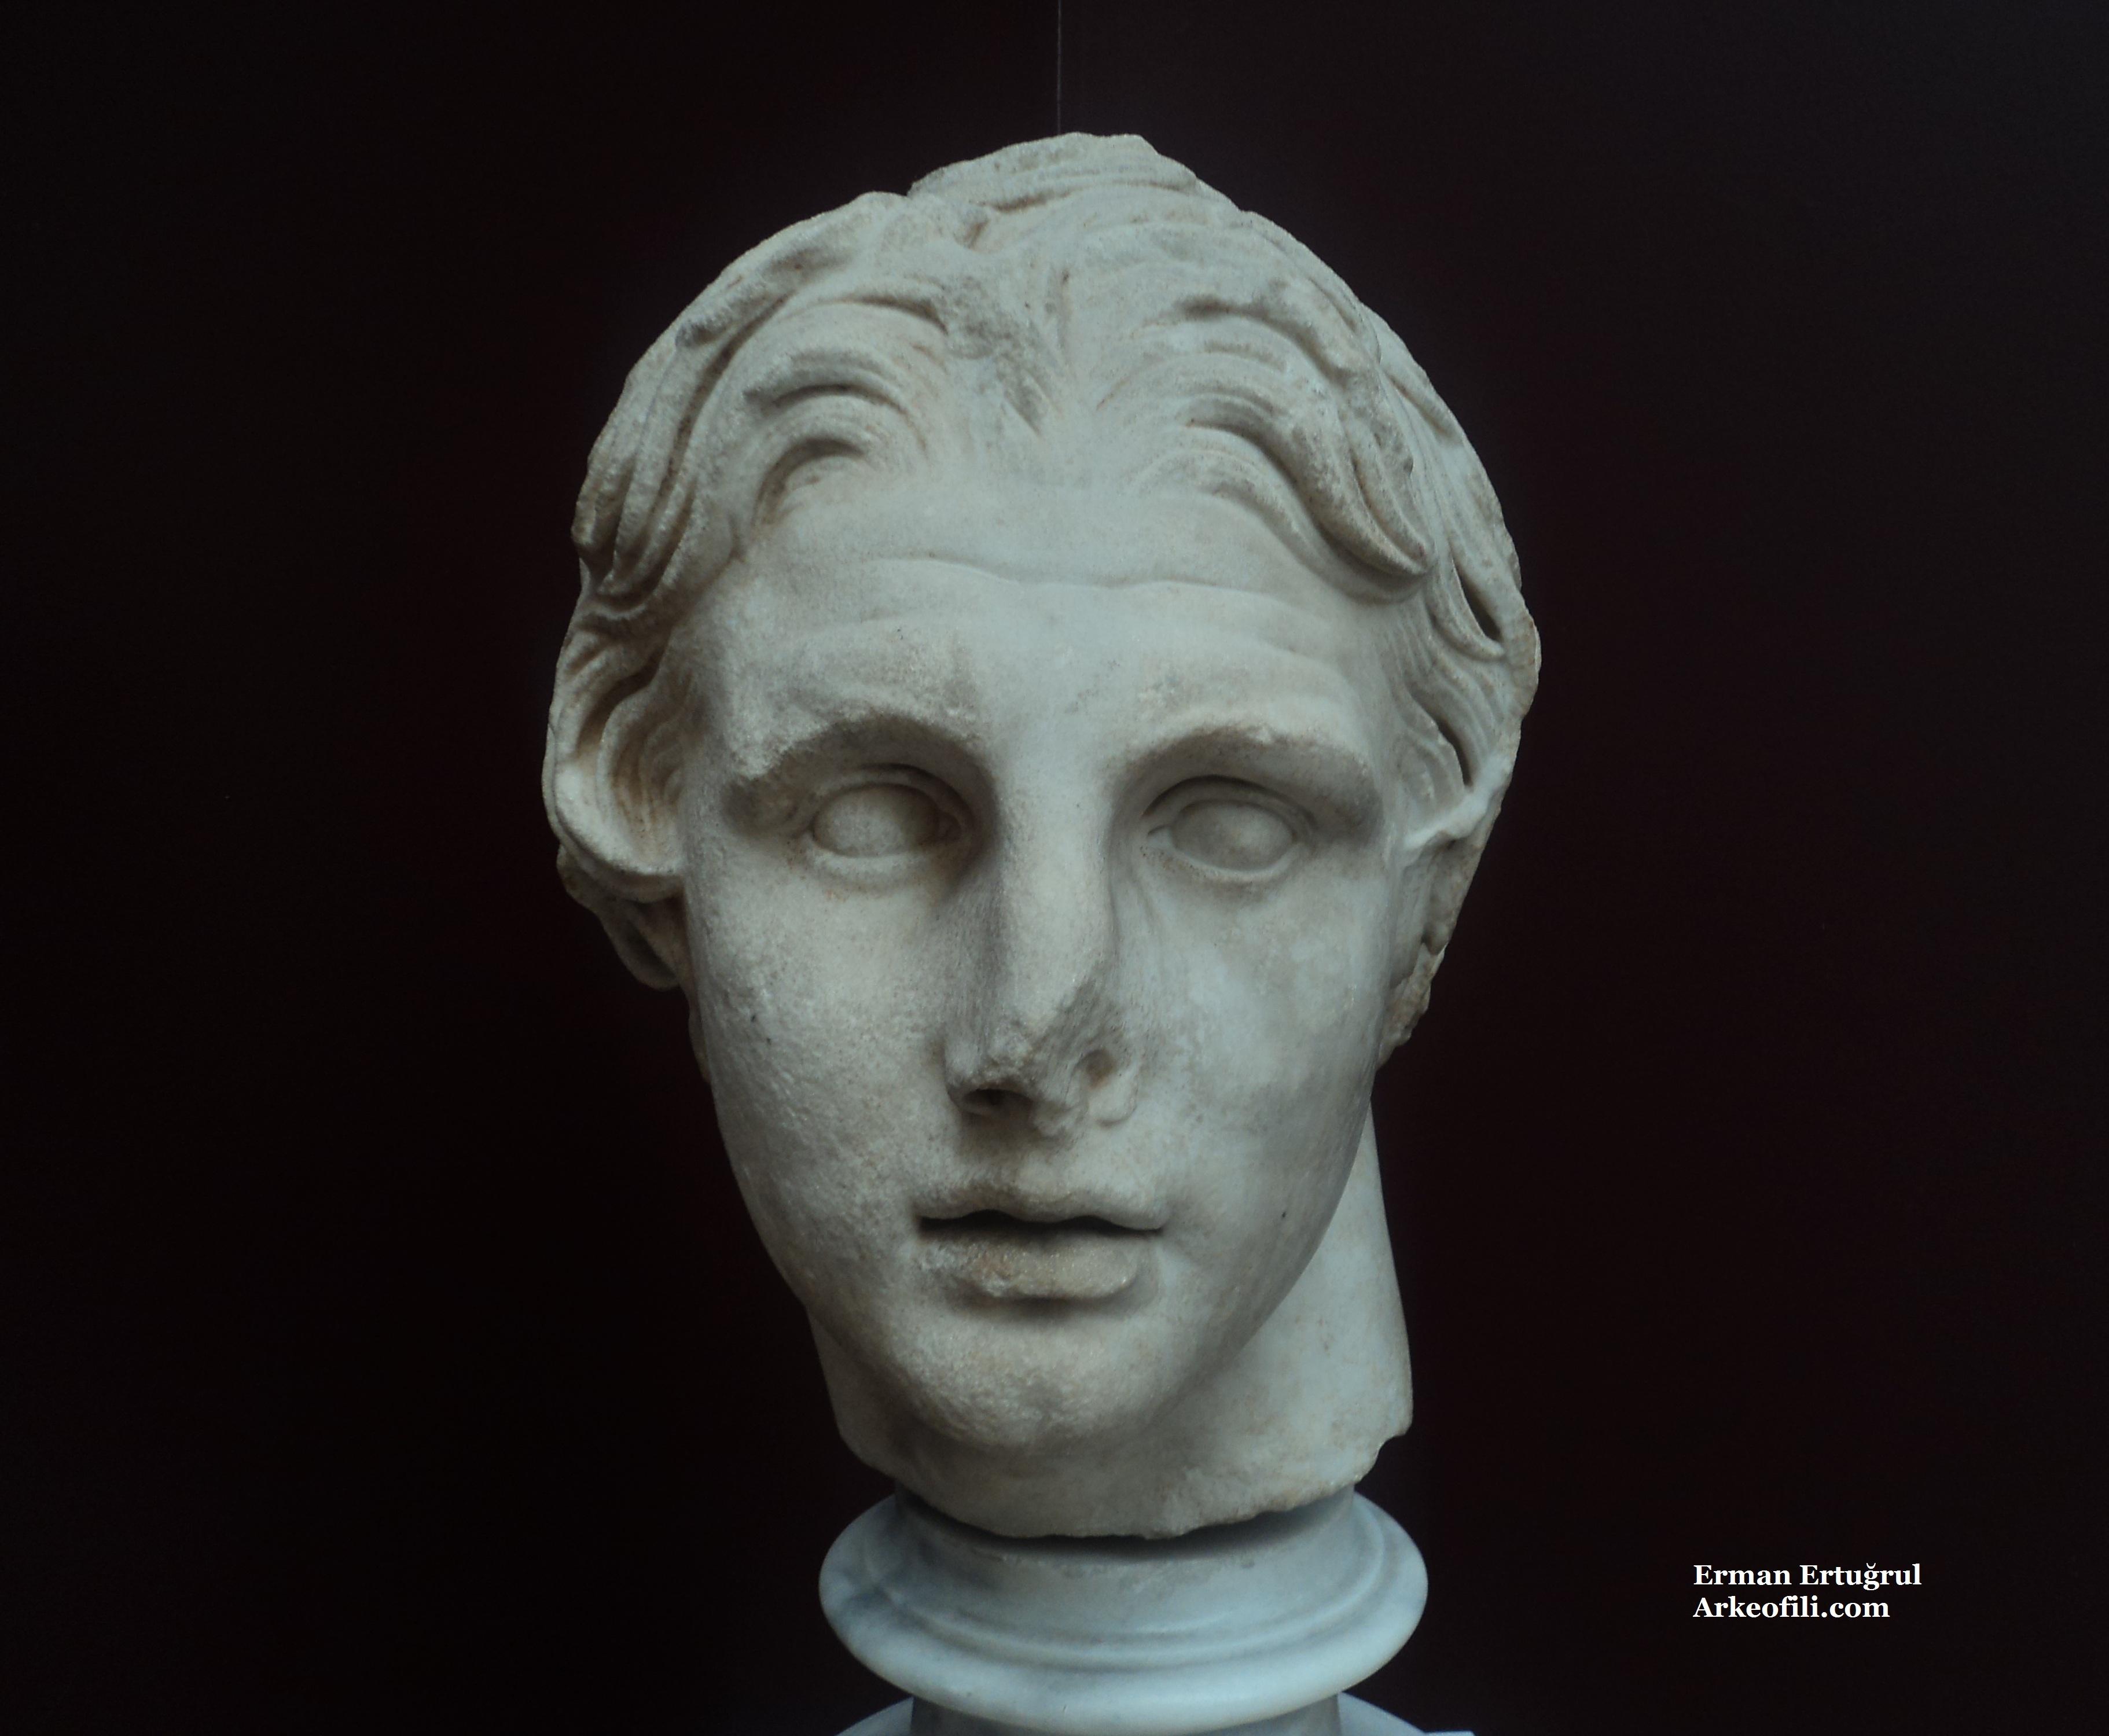 istanbul arkeoloji müzesinde sergilenen arkeolojik heykeller